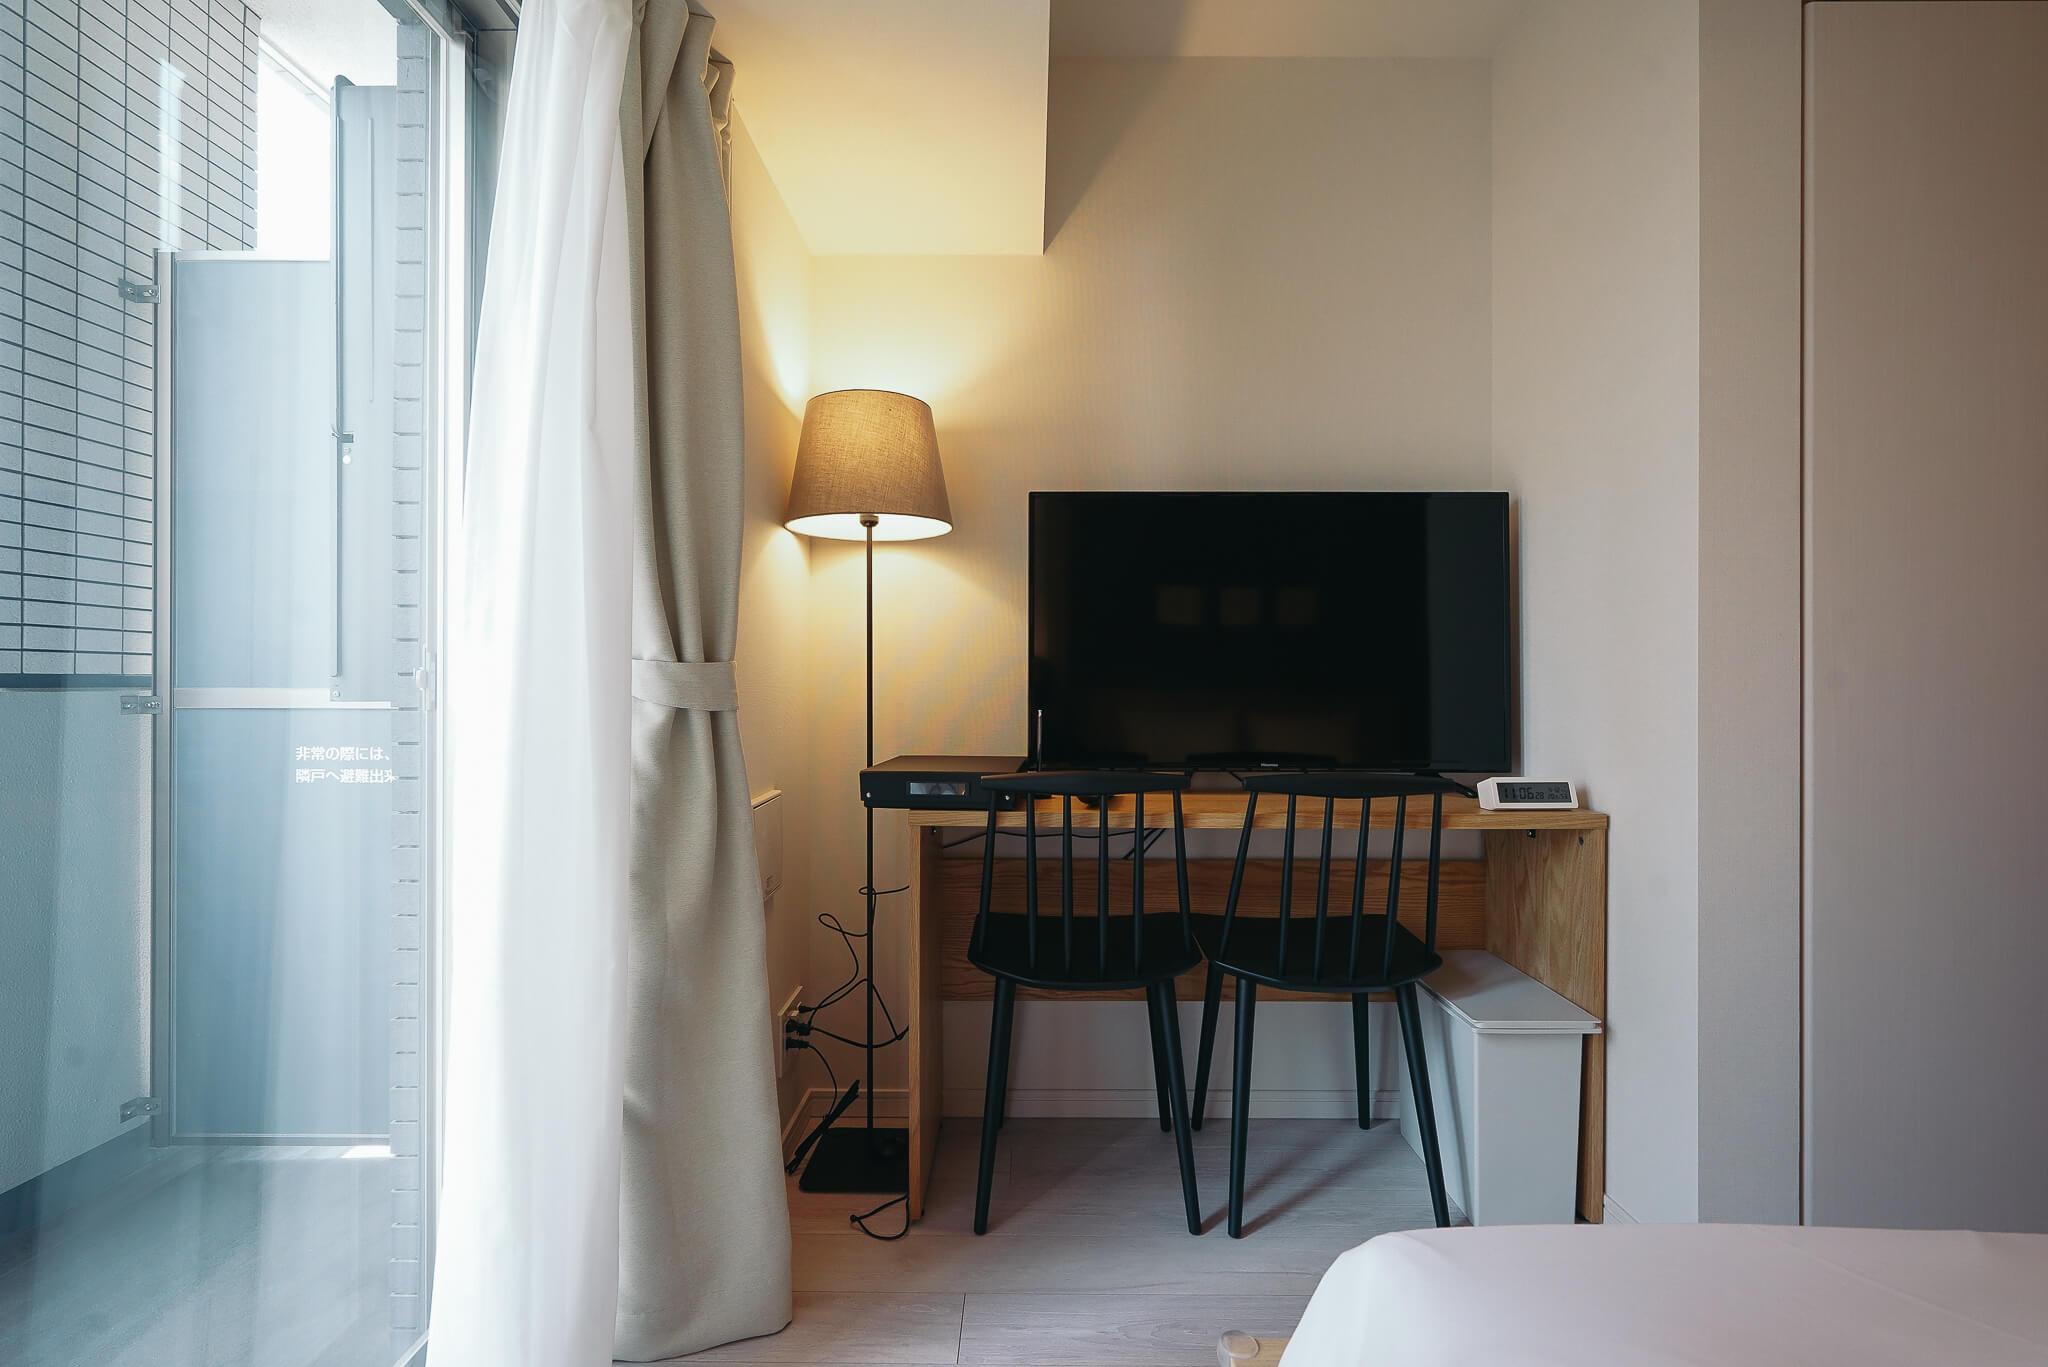 デスクワークスペースも用意。仕事に集中したいときは、自室はもちろん、シェアオフィススペースも利用できます。